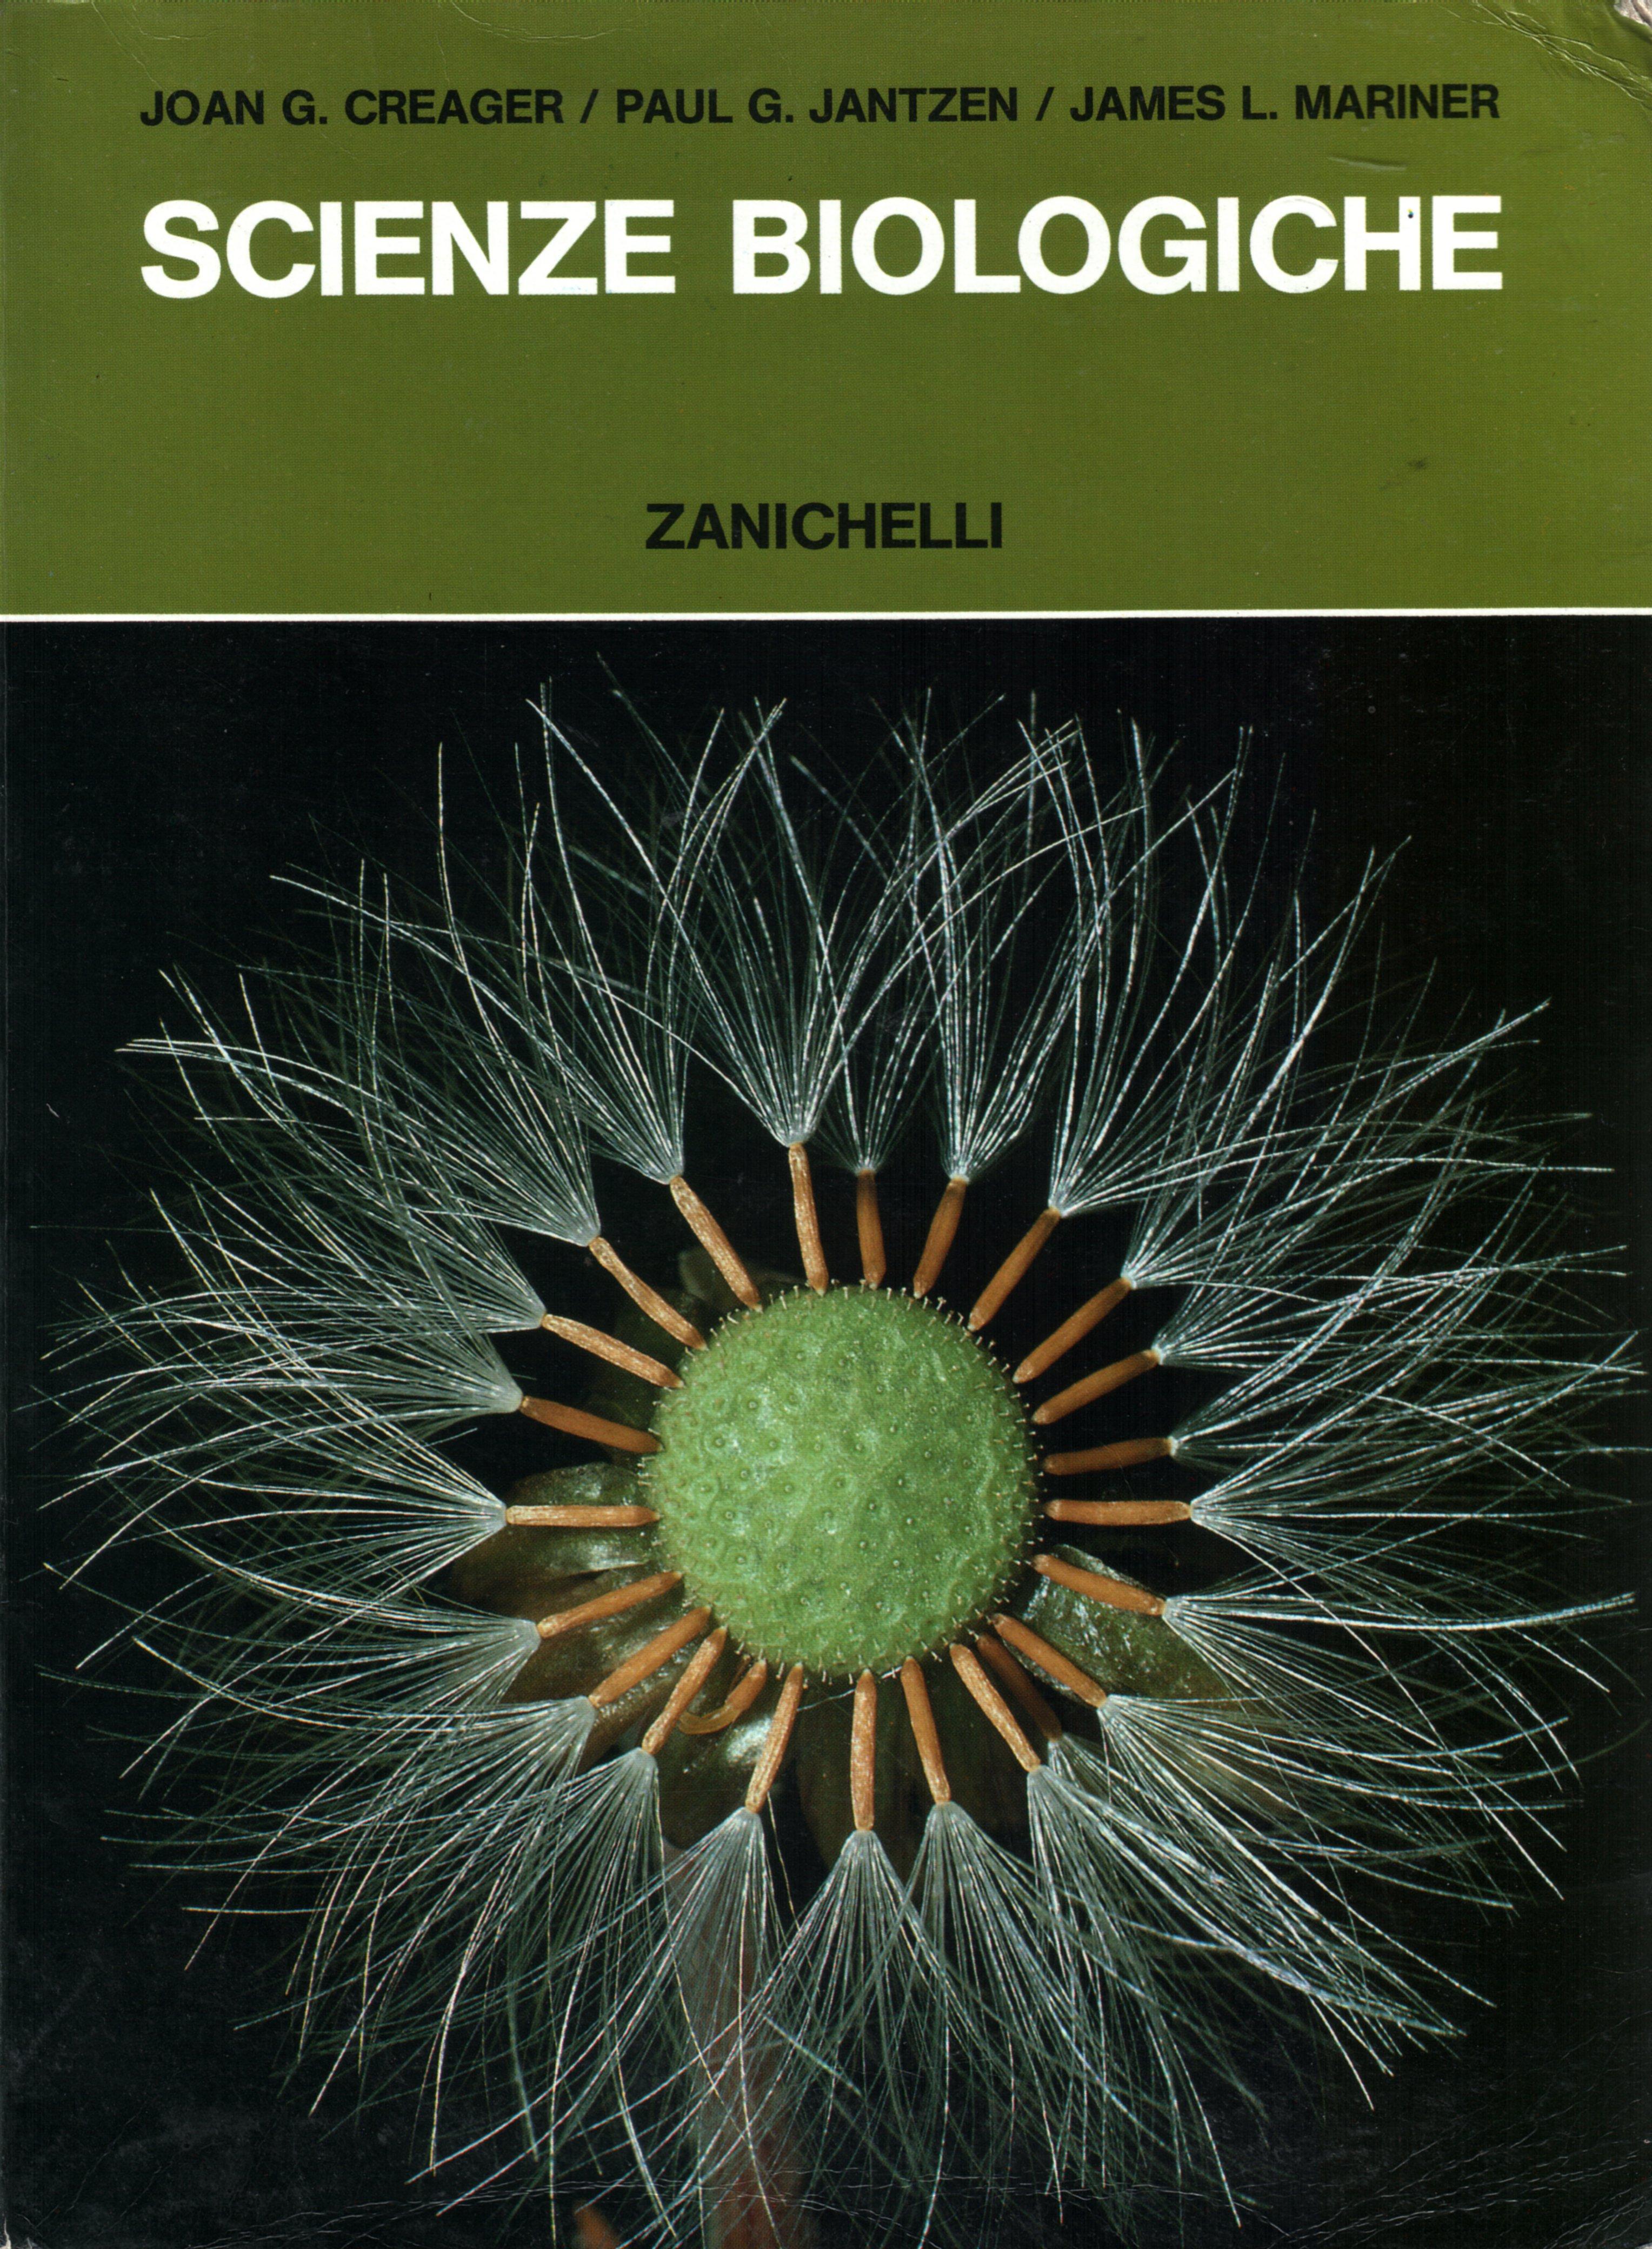 Scienze biologiche